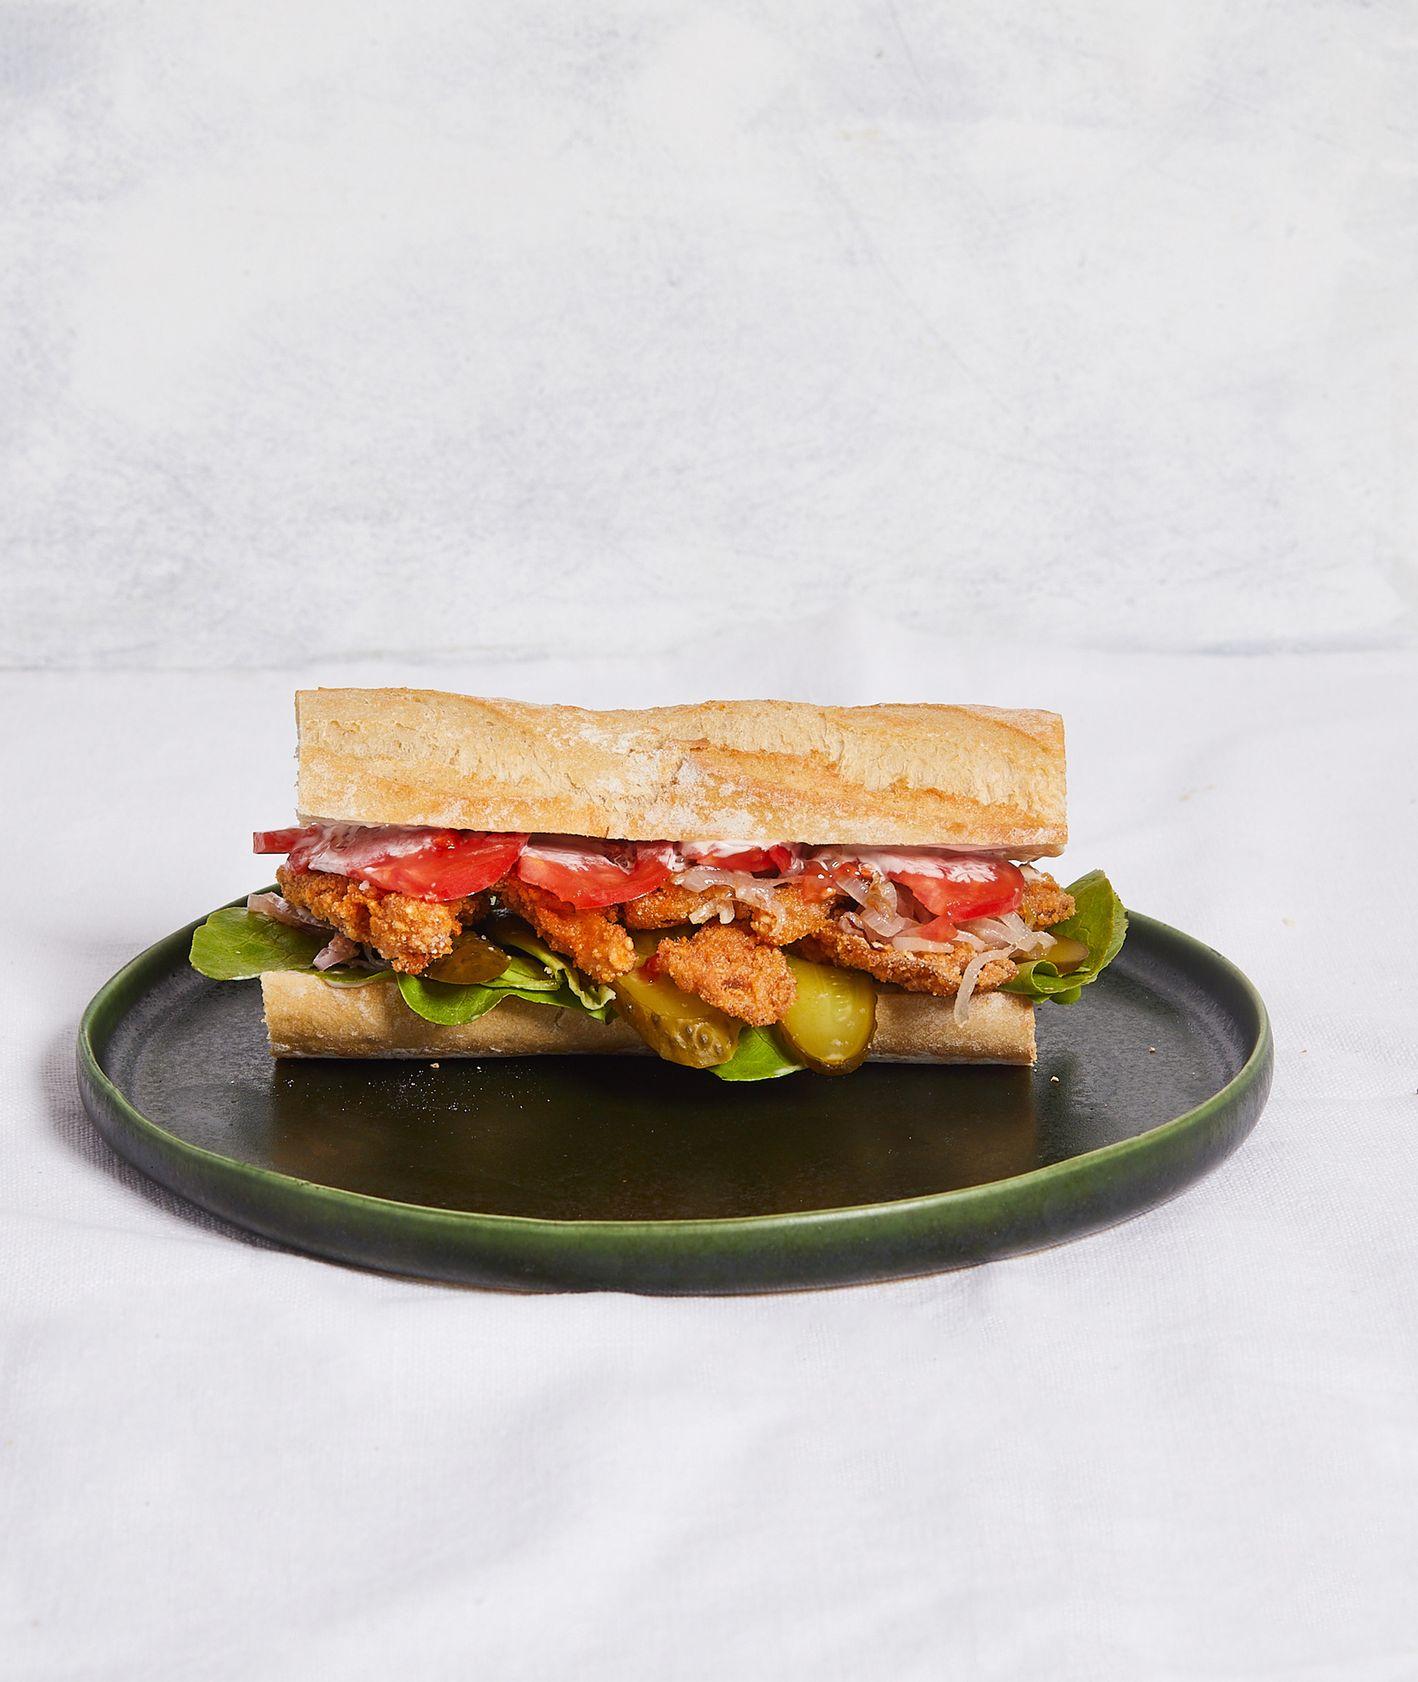 Pomysł na śniadanie w wersji wegańskiej – kanapka z panierowanymi grzybami, warzywami i majonezem (fot. Maciek Niemojewski)